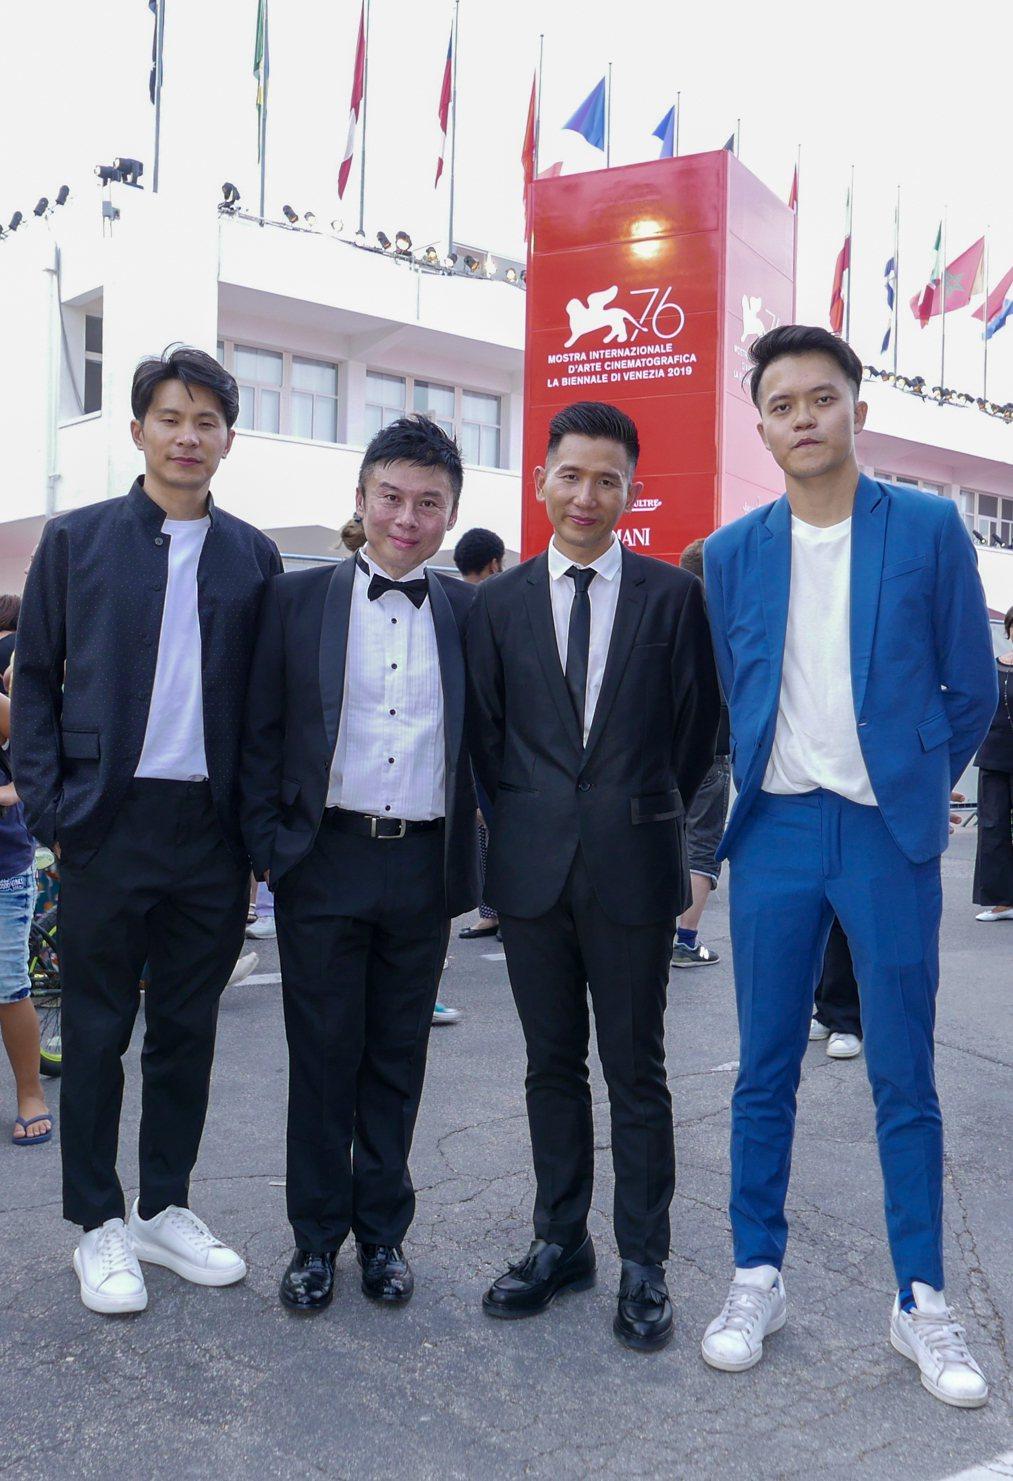 導演劉思銘(左二)與5x1入圍團隊姚淳耀(左起)、趙德胤、曾威量一起出席威尼斯紅...